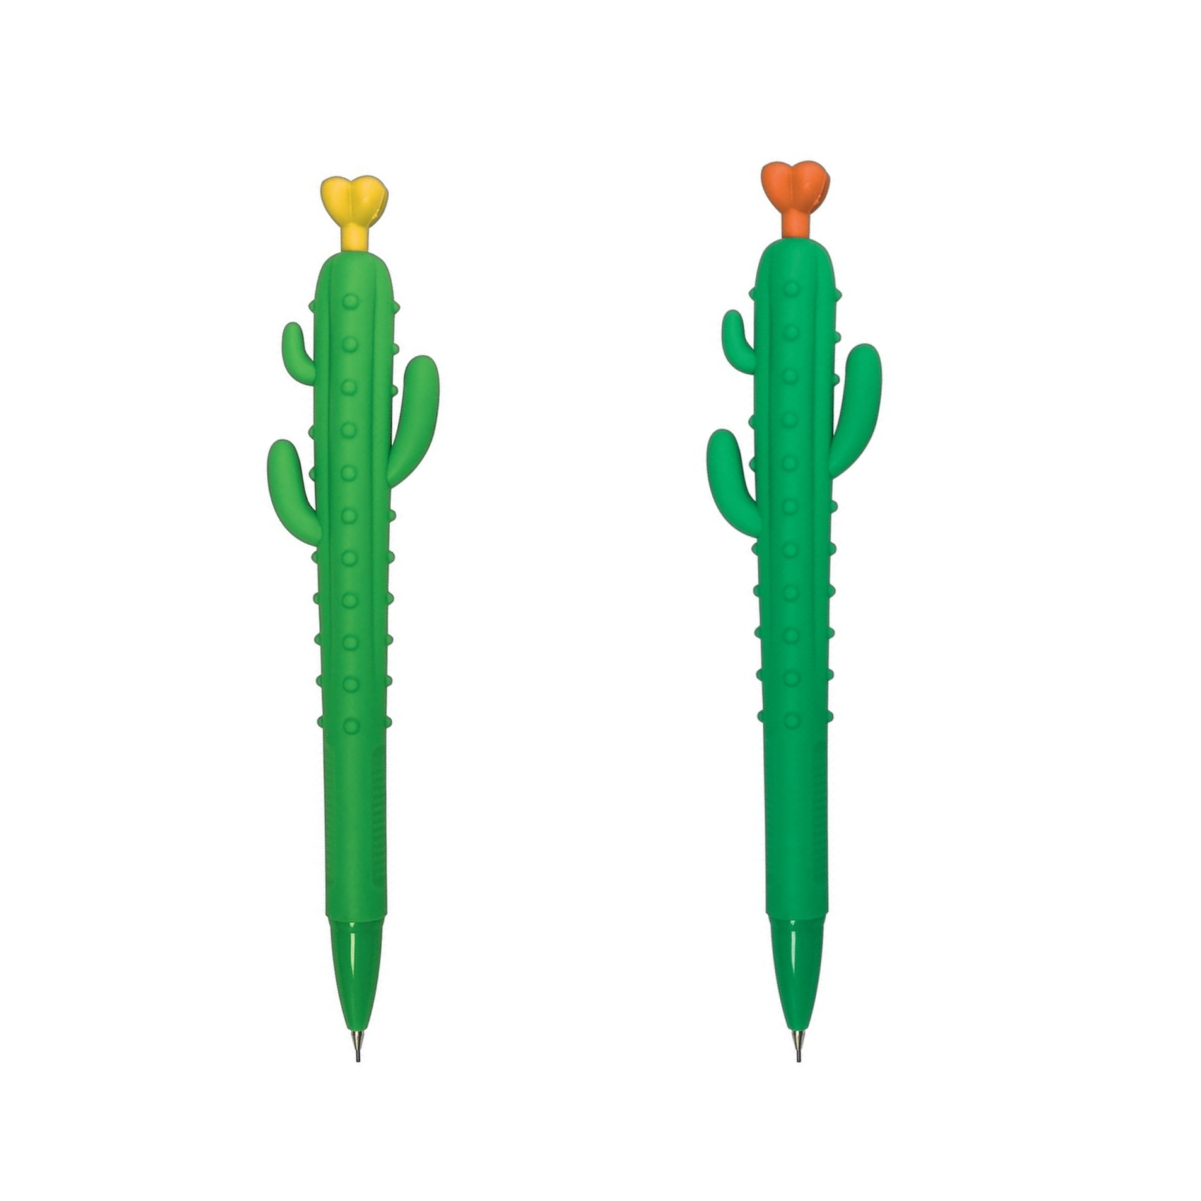 Lapiseira Cactus Tilibra 0.7mm Unitária